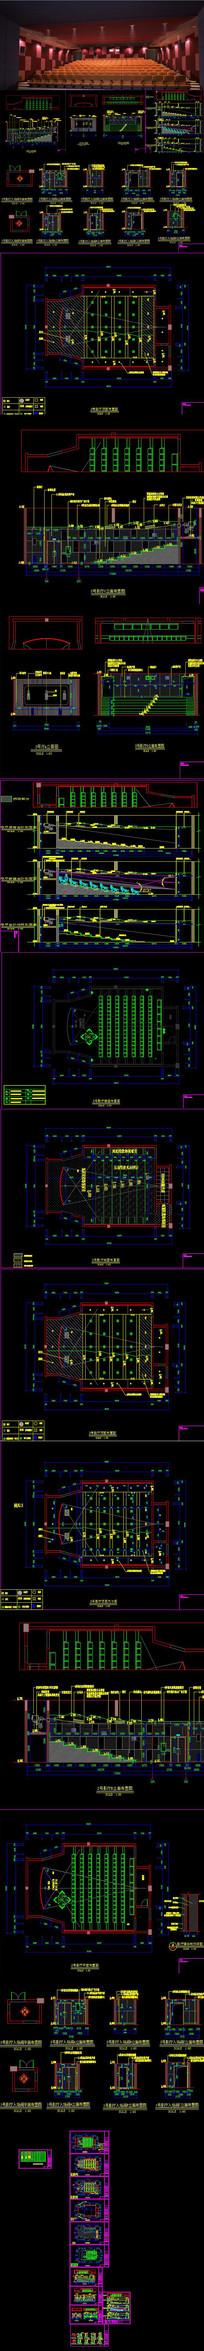 大型影院影厅CAD施工图 效果图